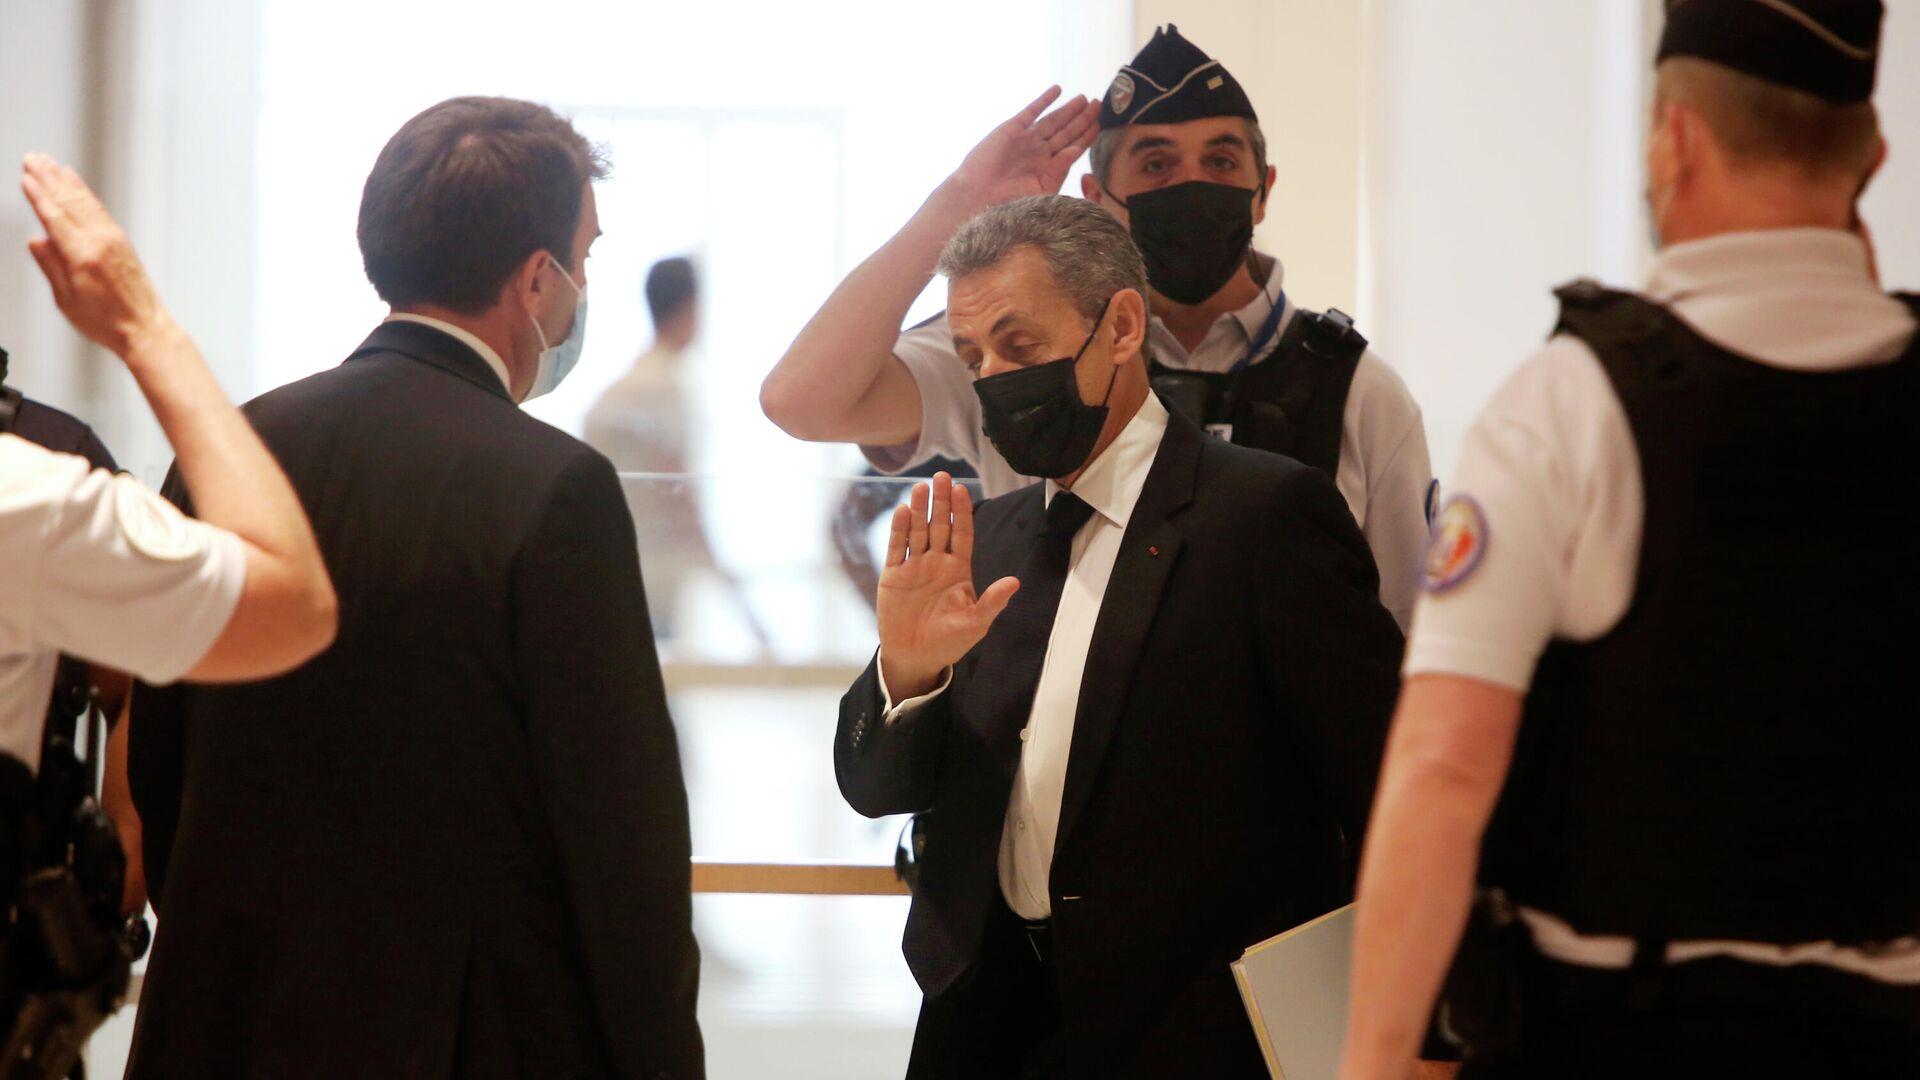 Премьер Франции Кастекс выразил поддержку осужденному экс-президенту Саркози